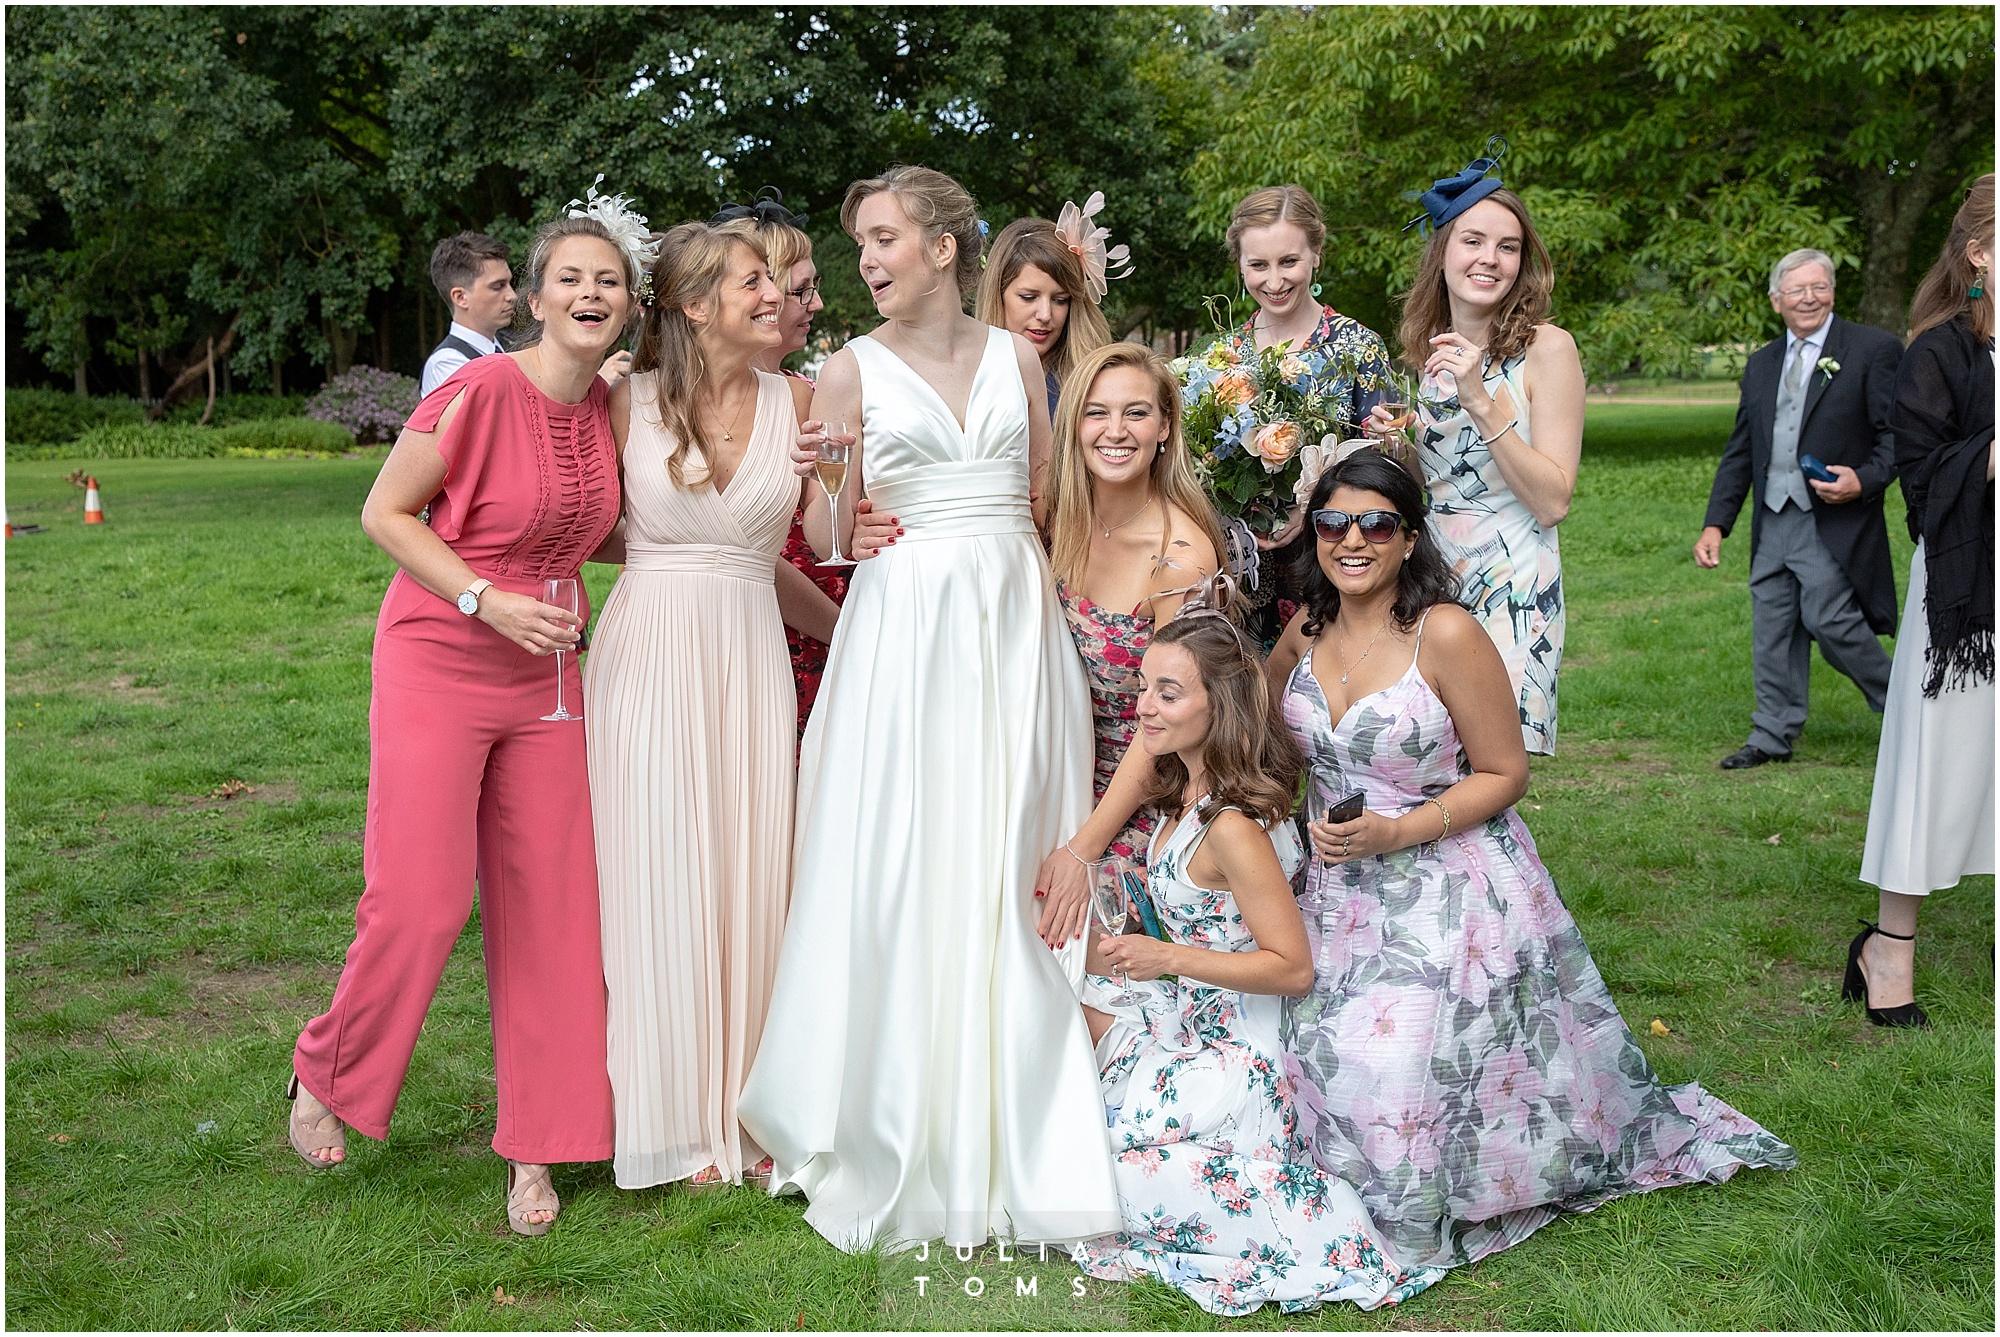 westsussex_wedding_photographer_westdean_098.jpg